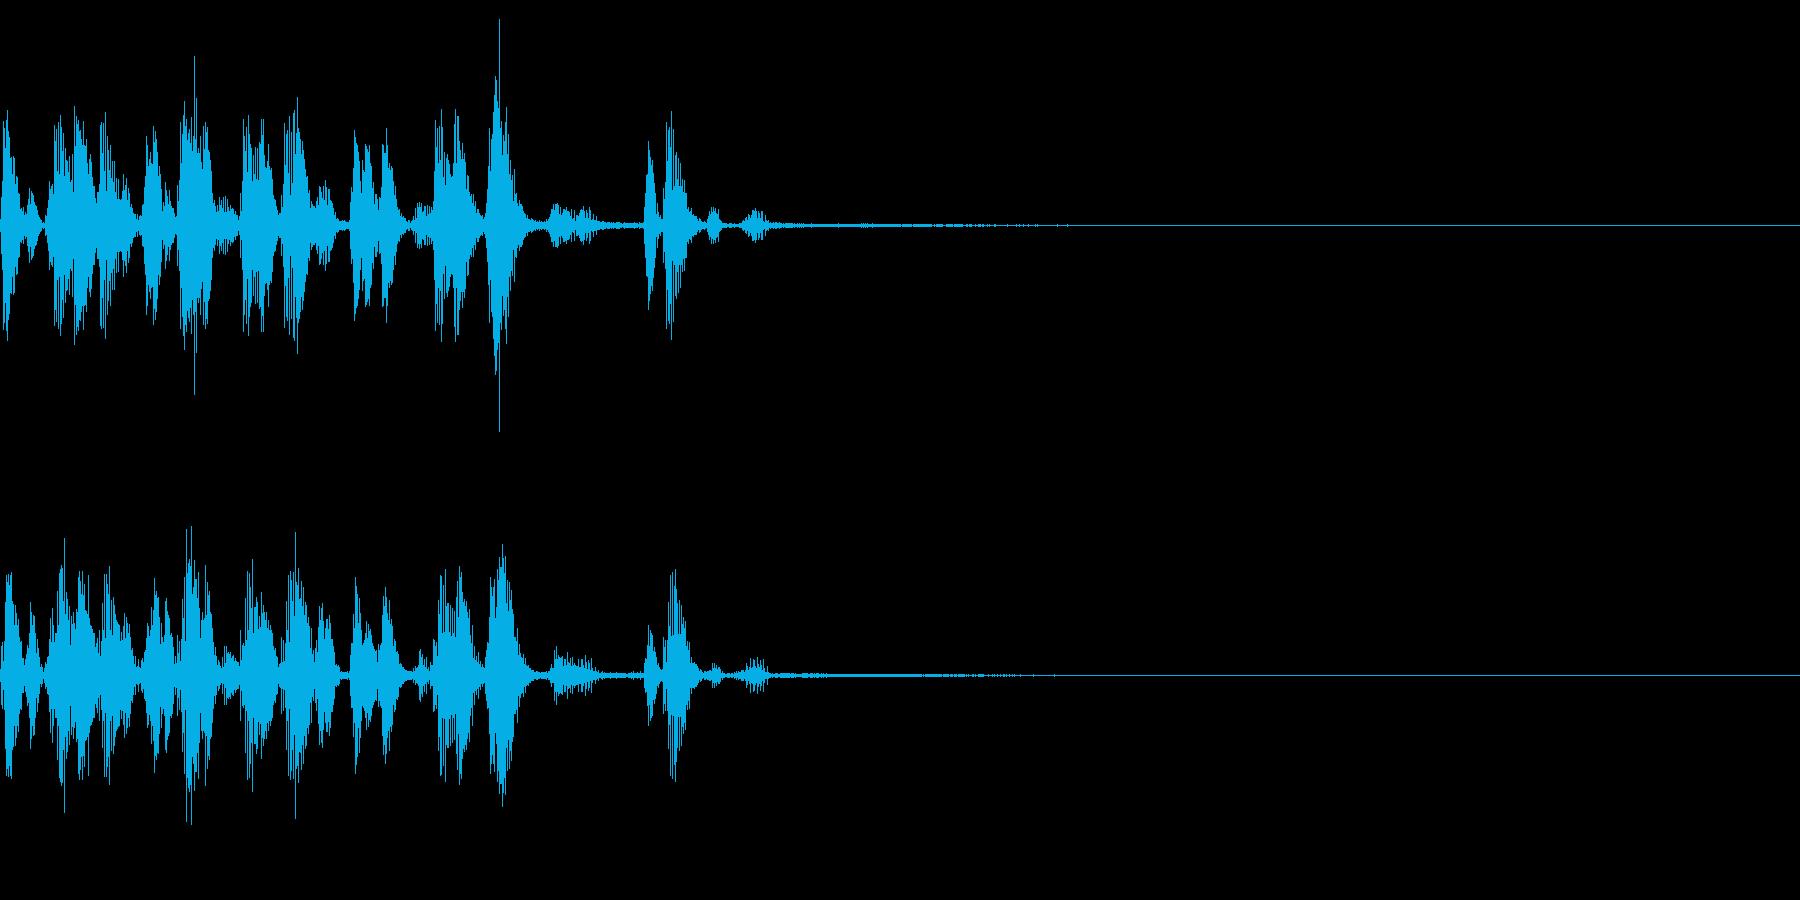 生き物の声 食事を食べる 会話 アワワの再生済みの波形